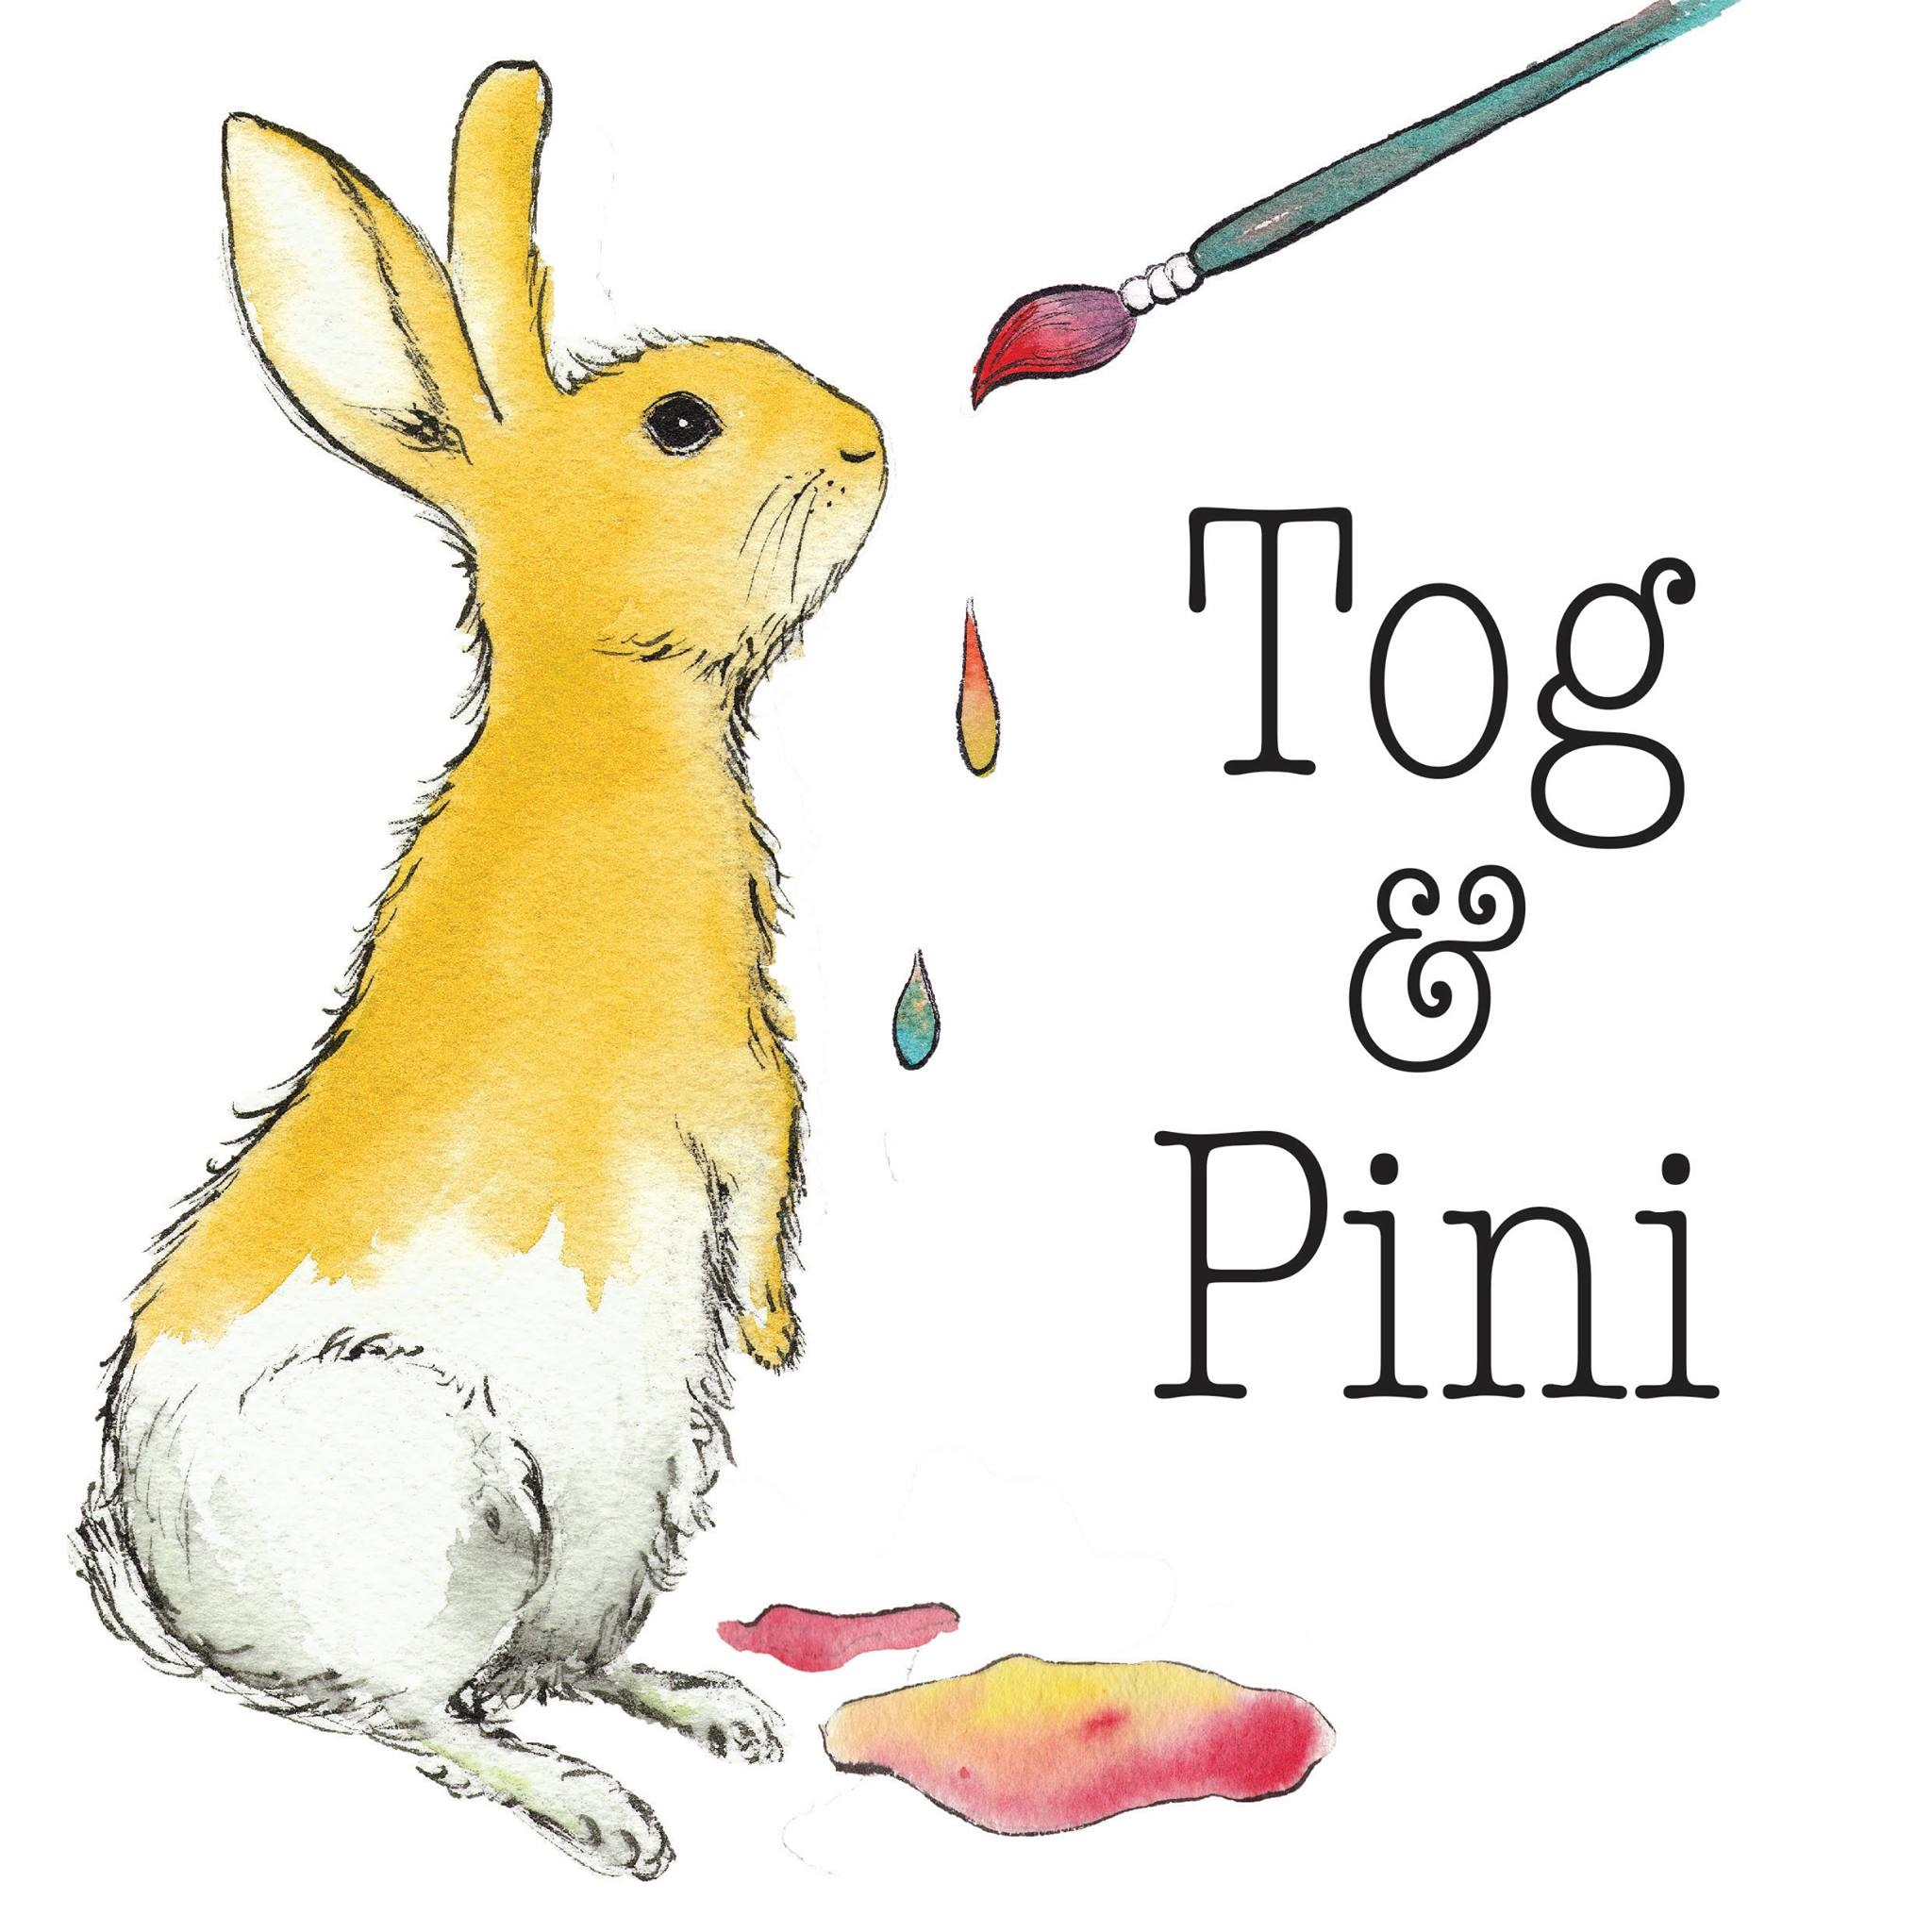 tog and pini bunny image